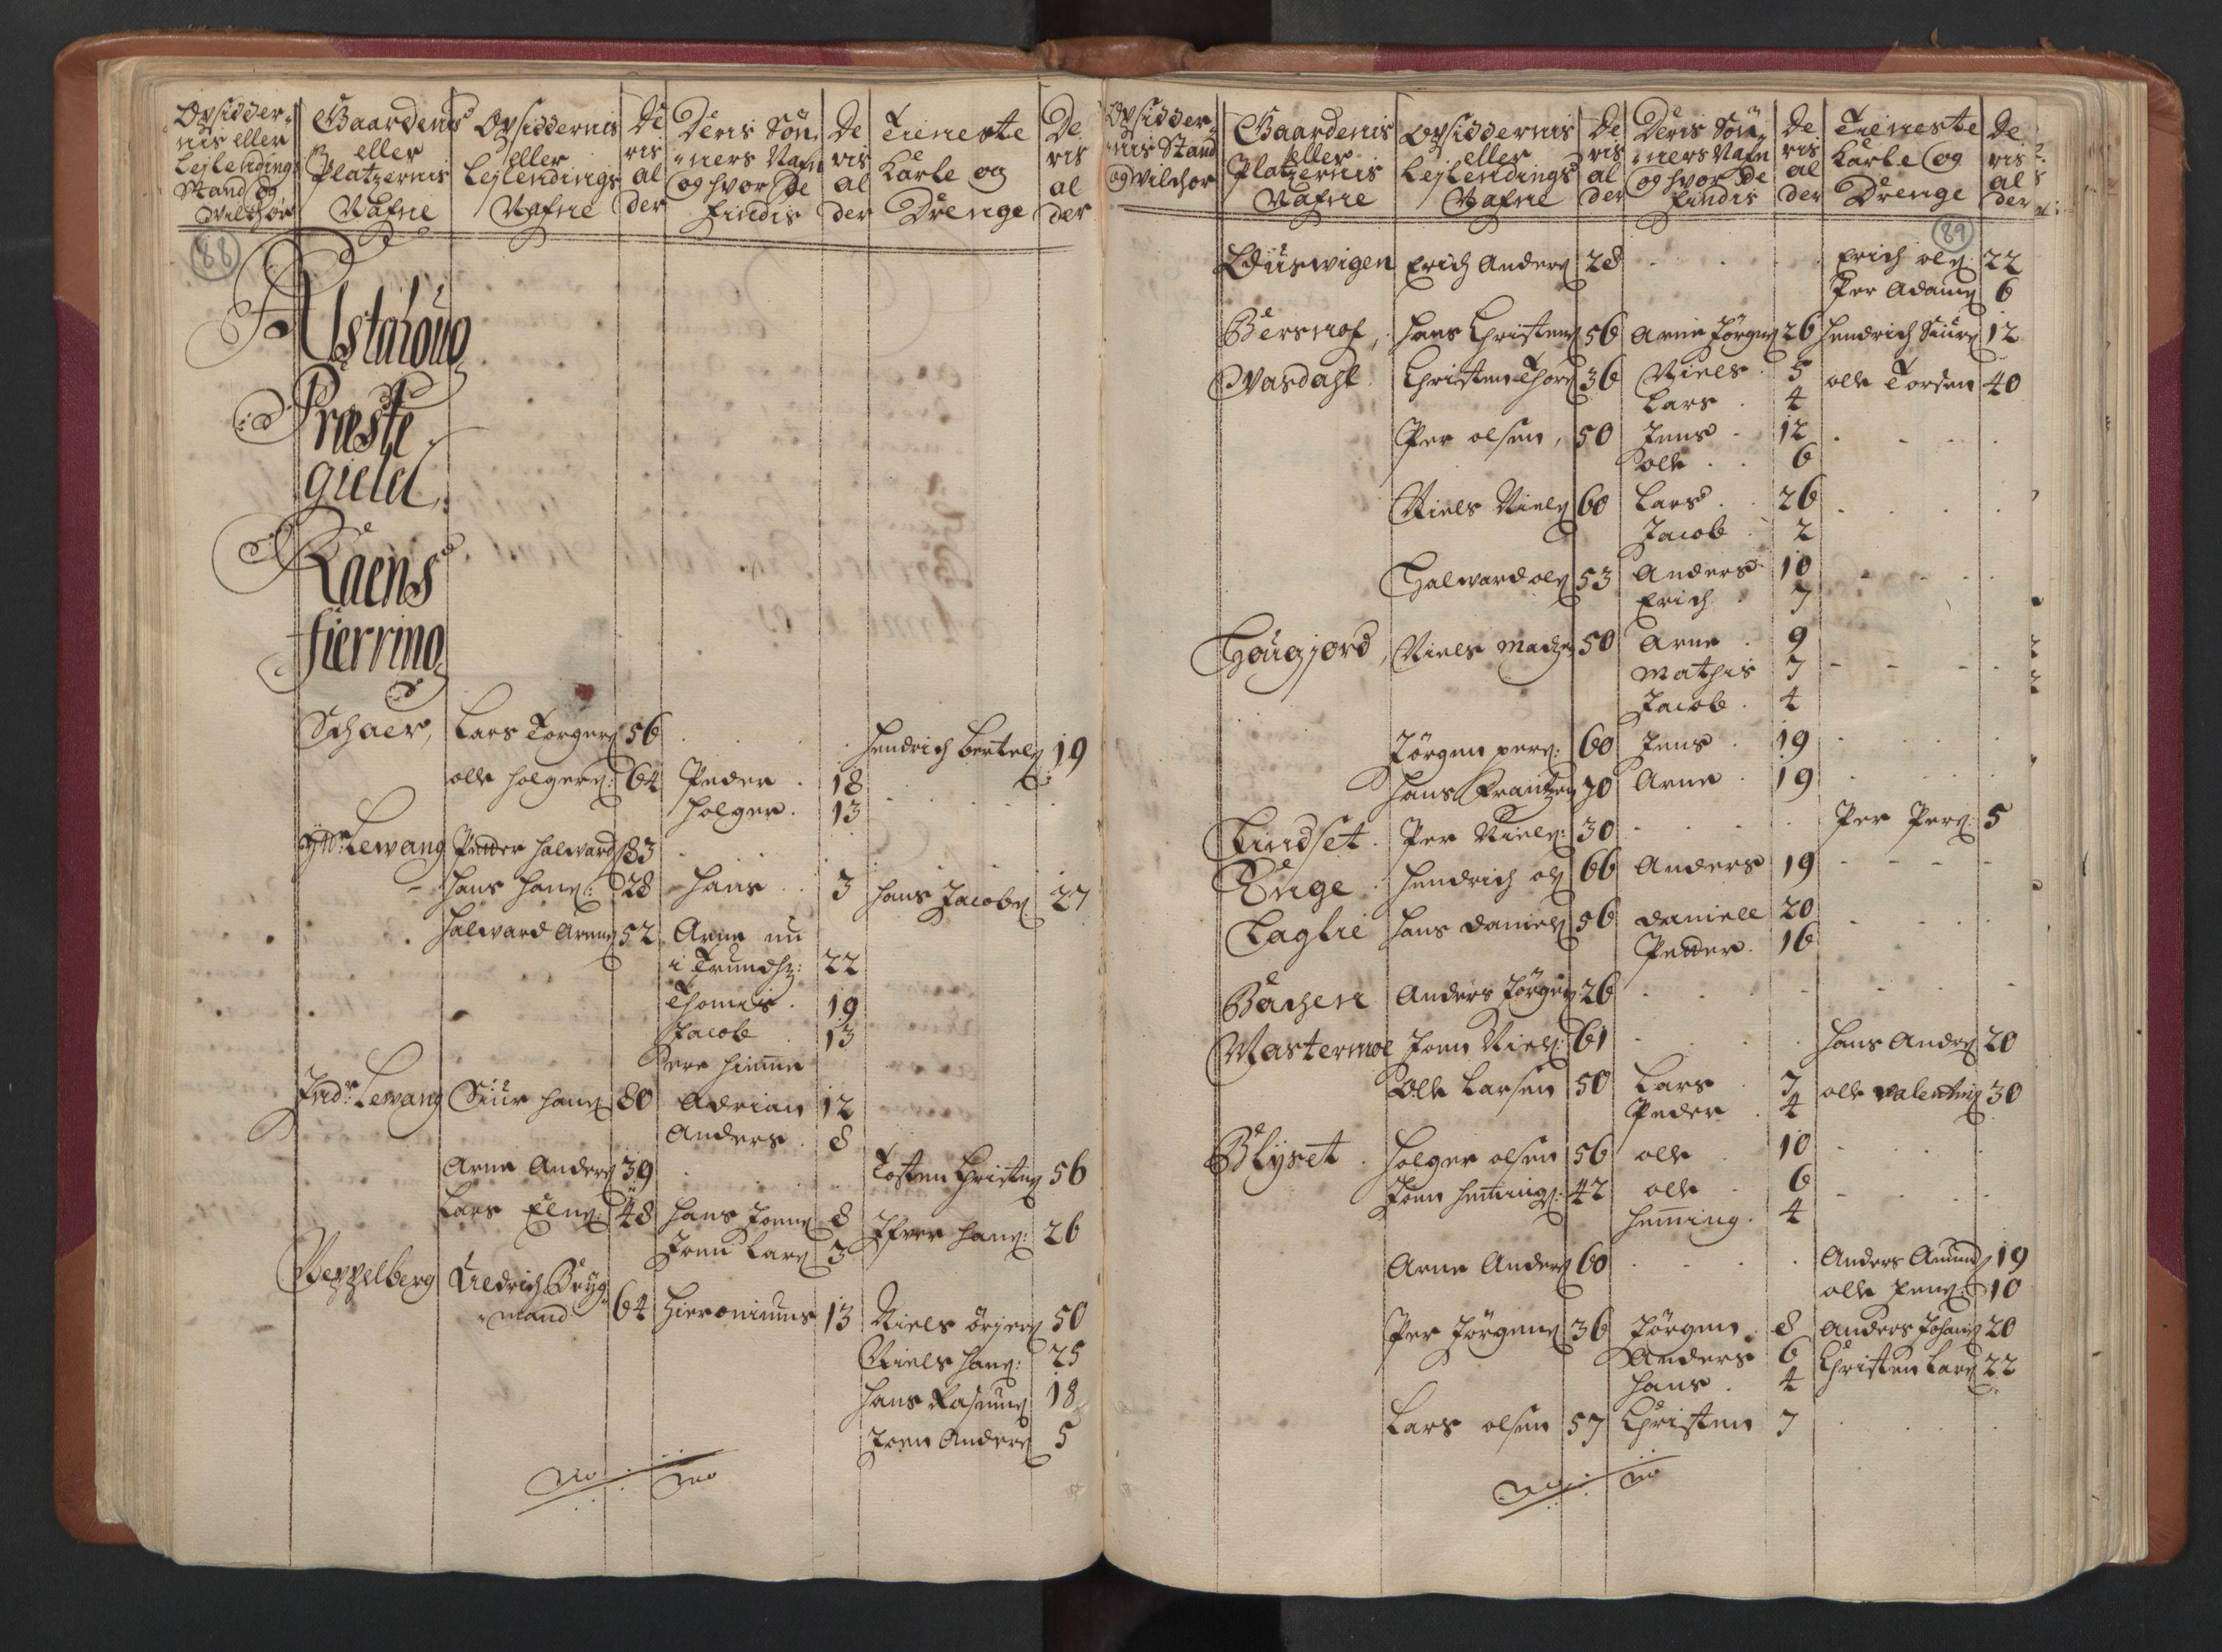 RA, Manntallet 1701, nr. 16: Helgeland fogderi, 1701, s. 88-89